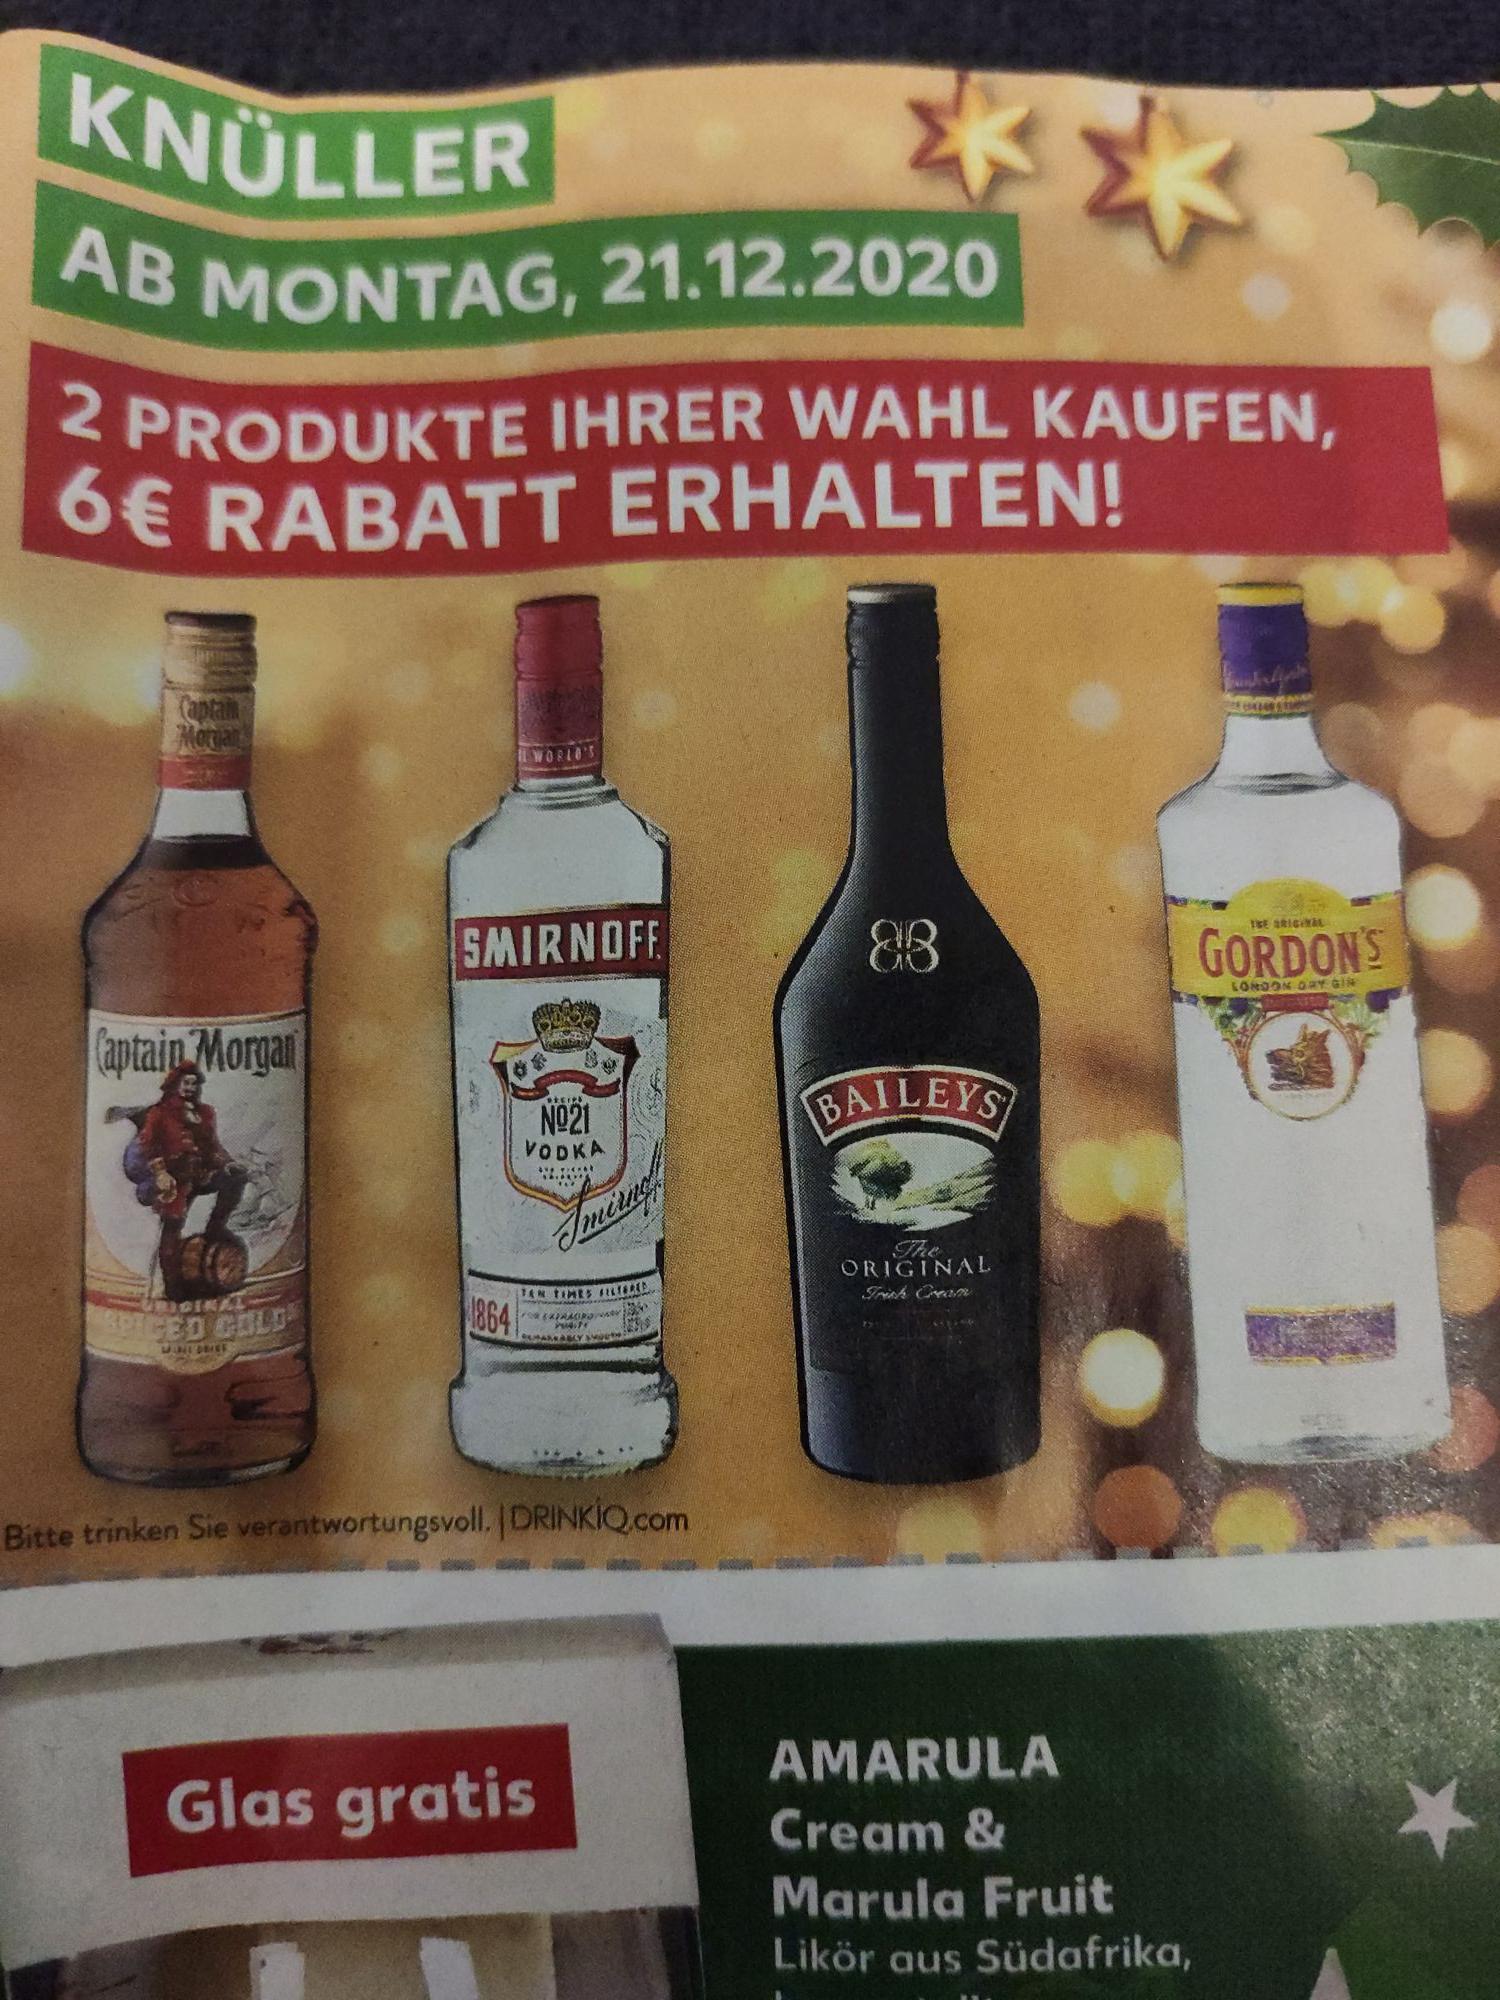 [Kaufland] 6€ Sofortrabatt beim Kauf von 2 Flaschen Captain Morgen/Baileys/Vodka/Gin